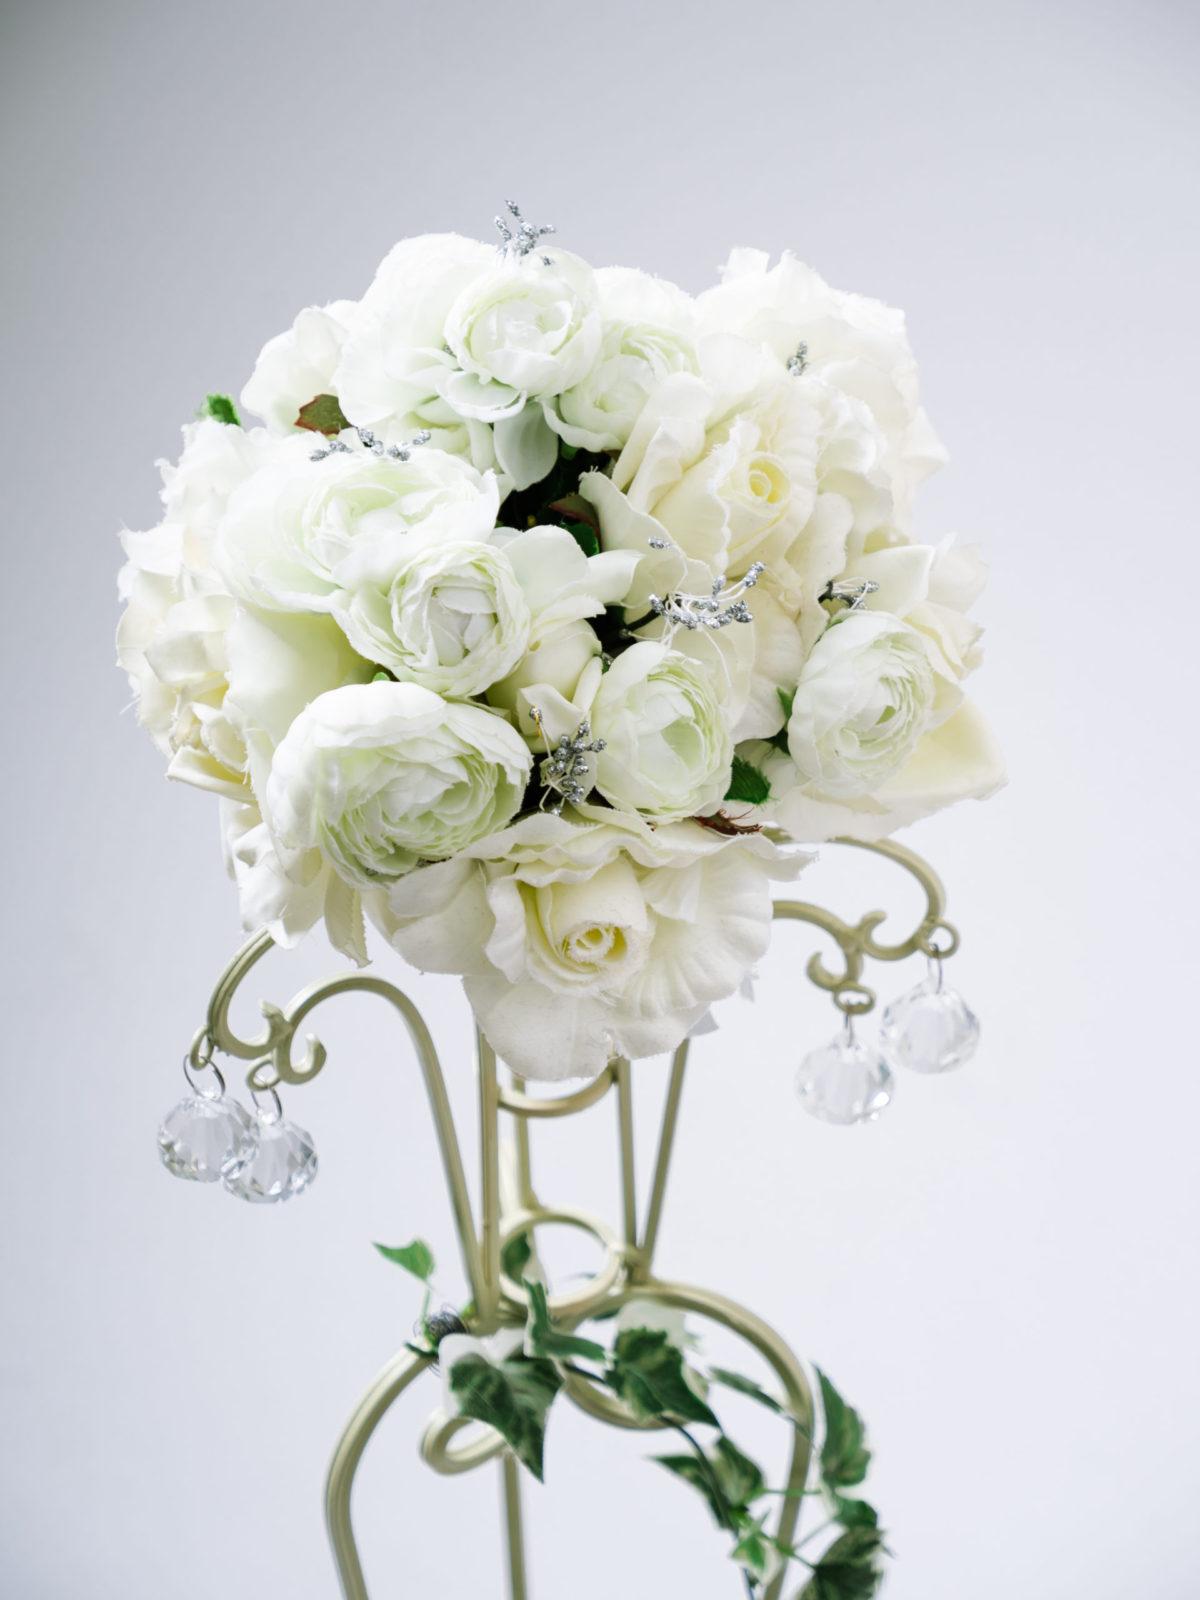 Artificial flower bouquet Ver.2